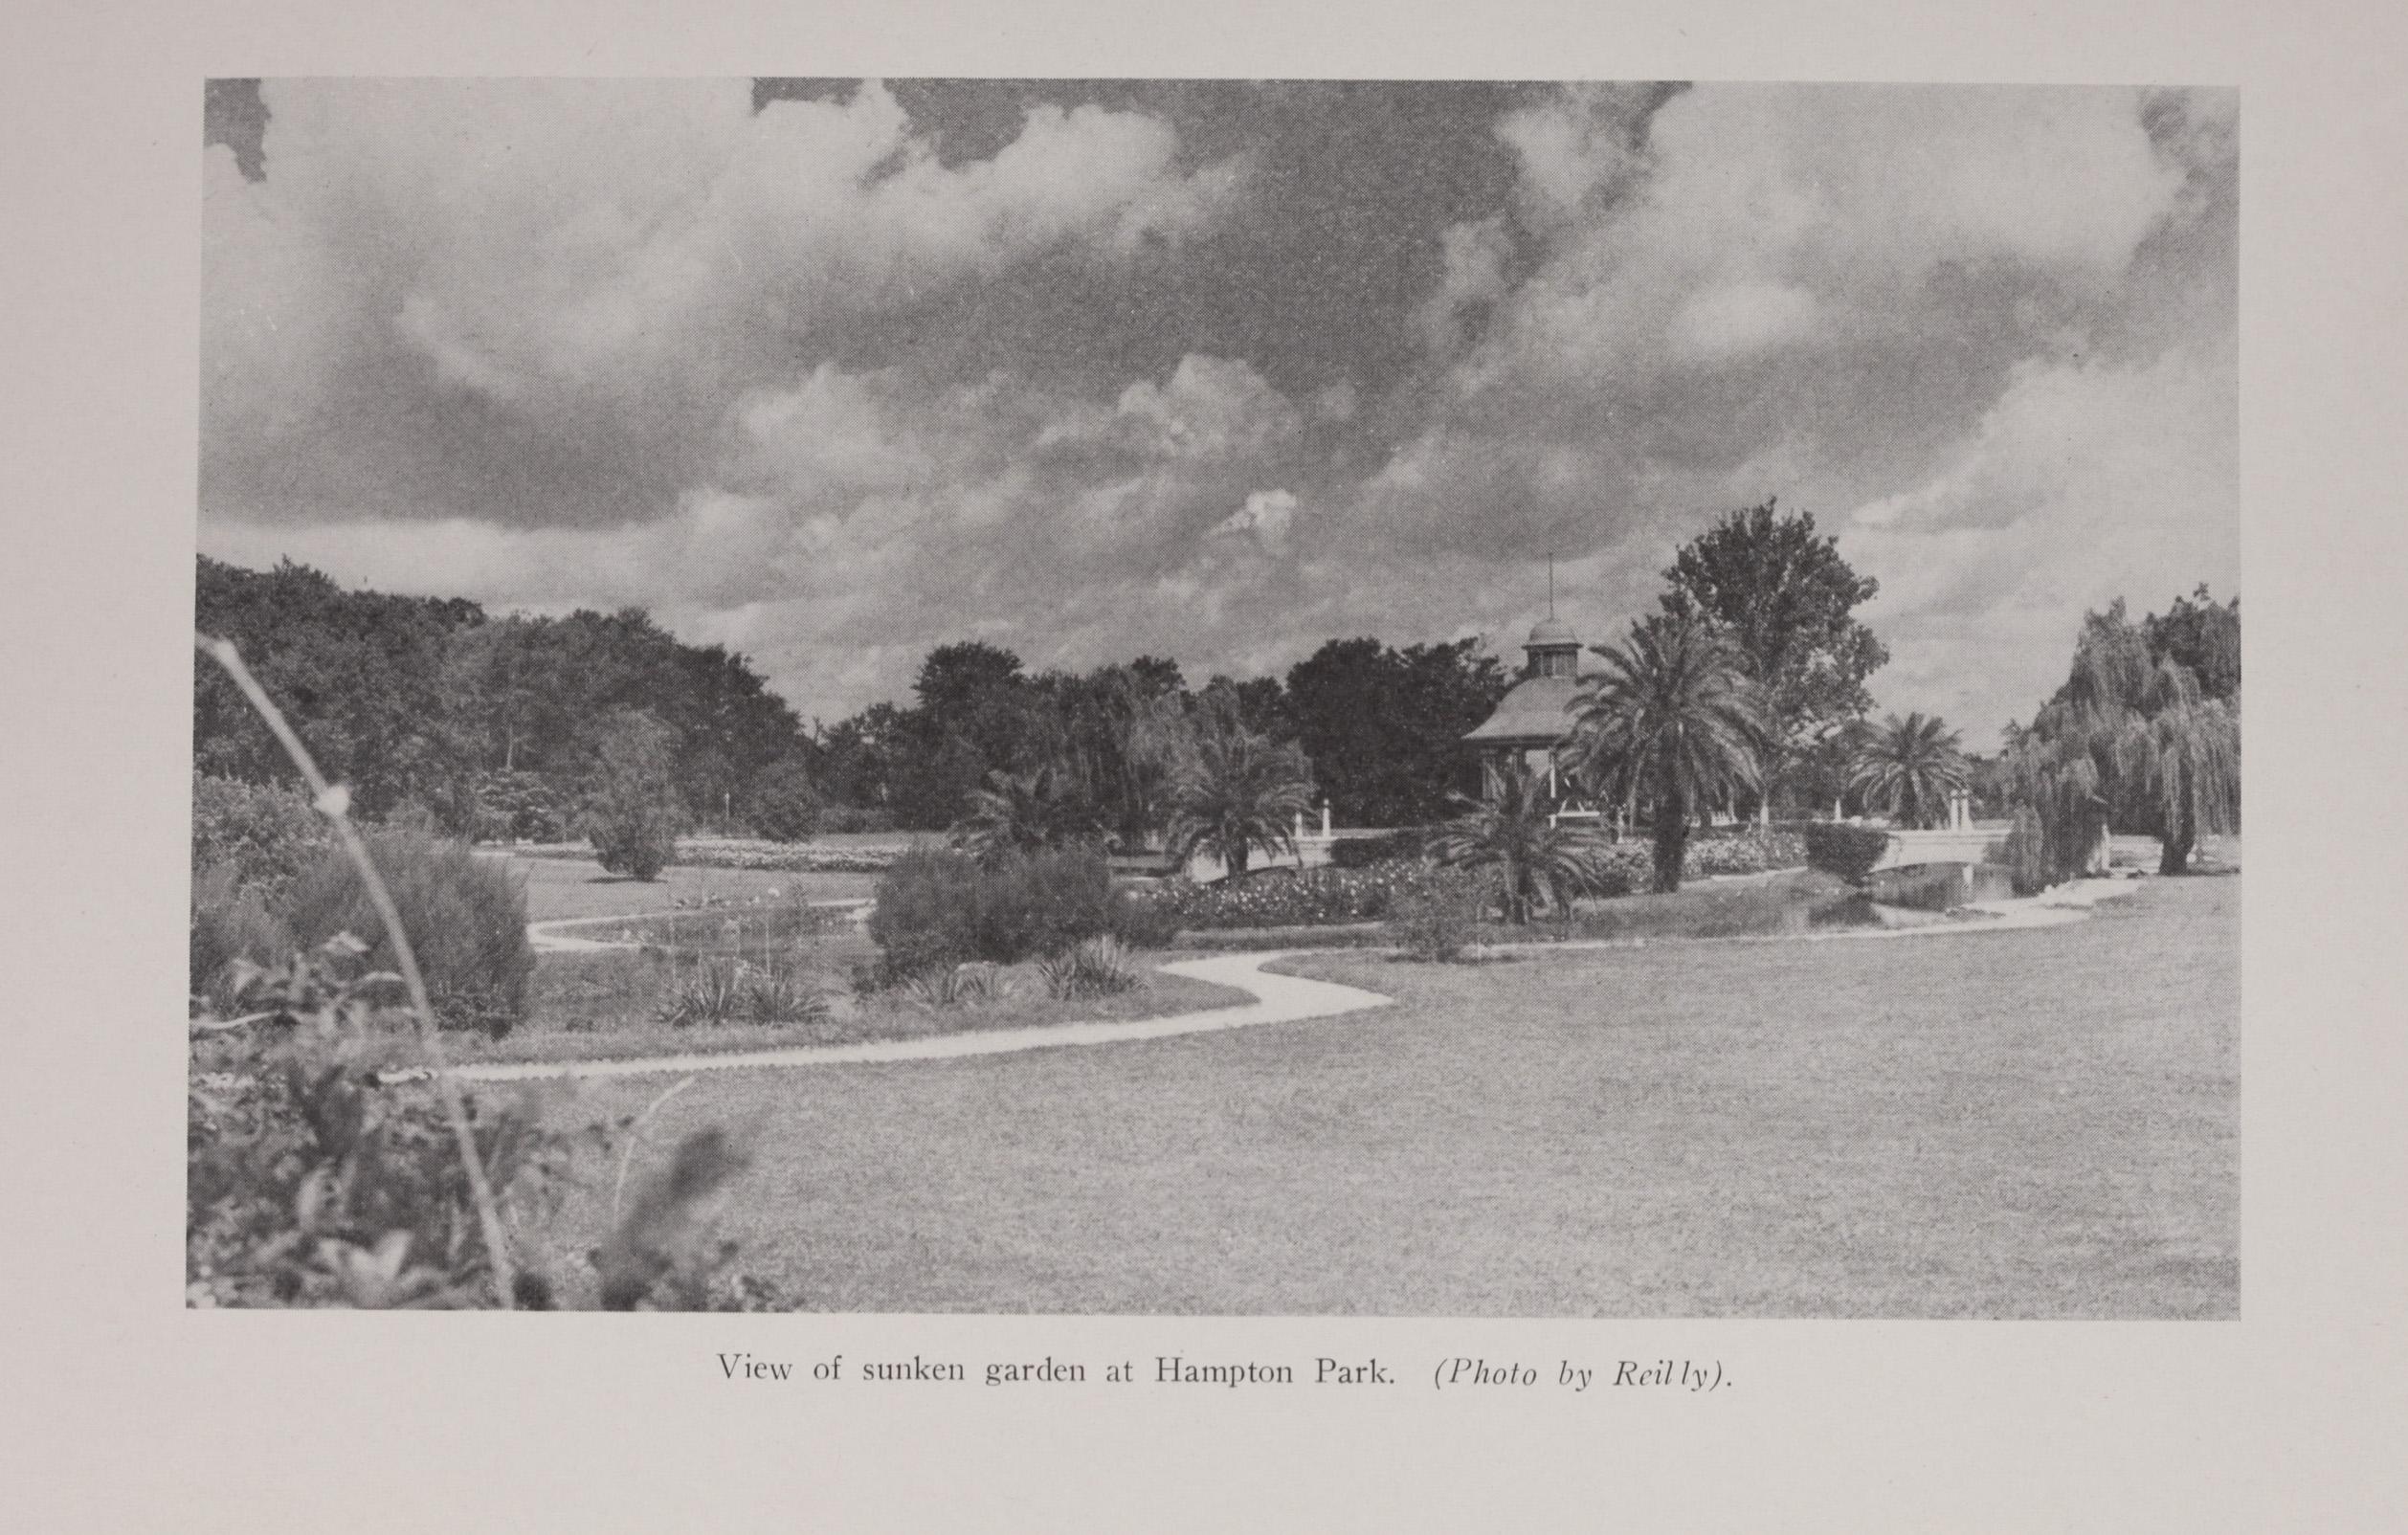 Charleston Yearbook, 1942, insert